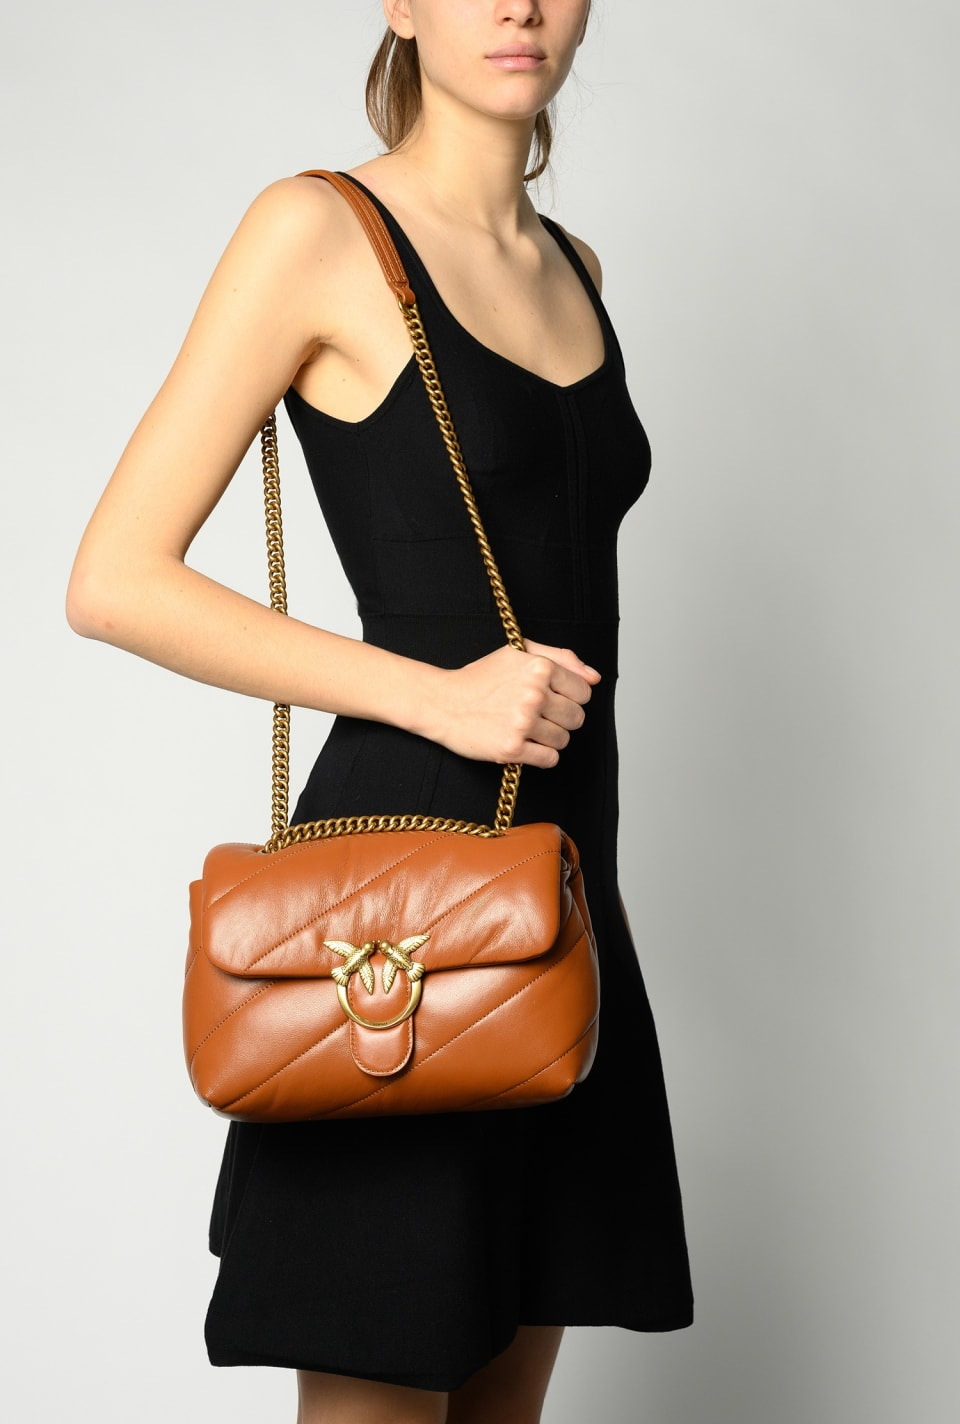 Classic Love Bag Puff Maxi Quilt - Pinko